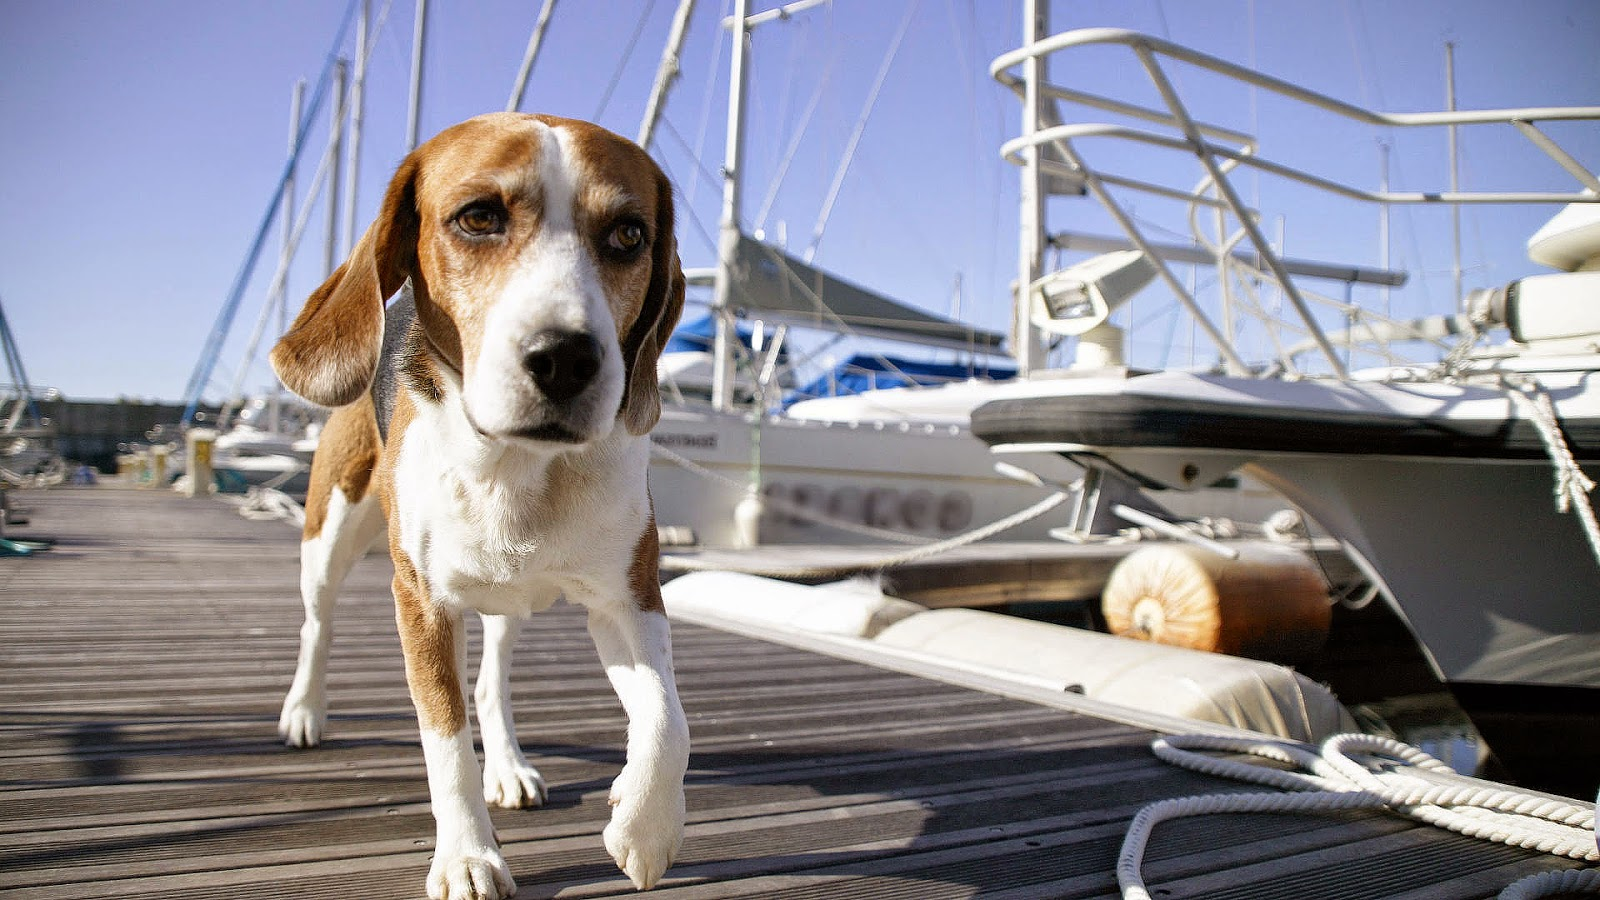 Bruin witte hond in de haven